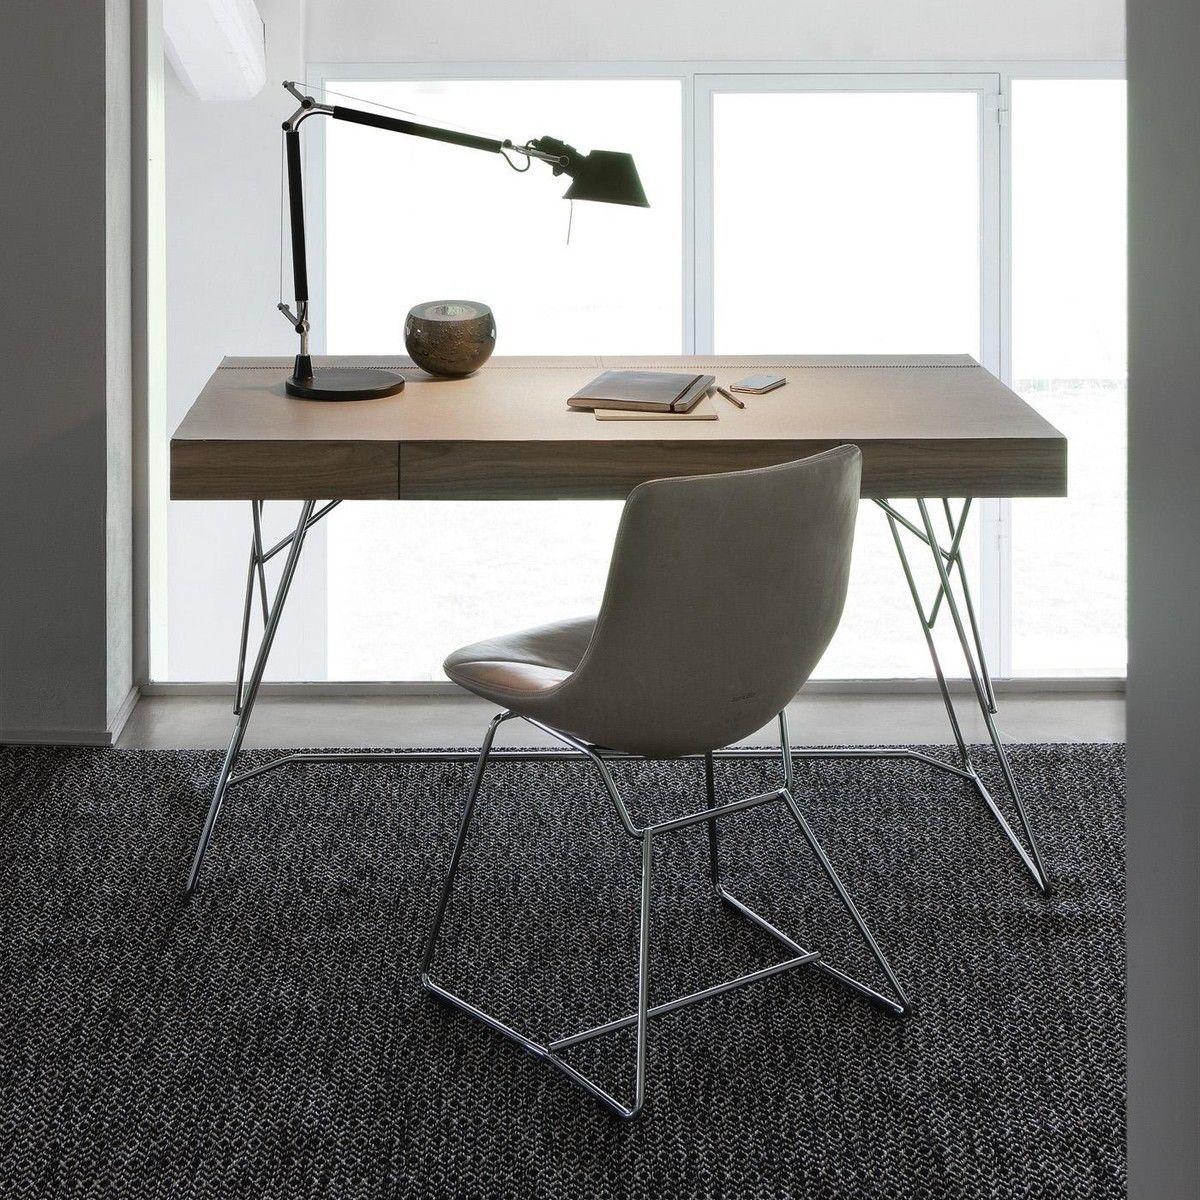 maestrale schreibtisch zanotta. Black Bedroom Furniture Sets. Home Design Ideas